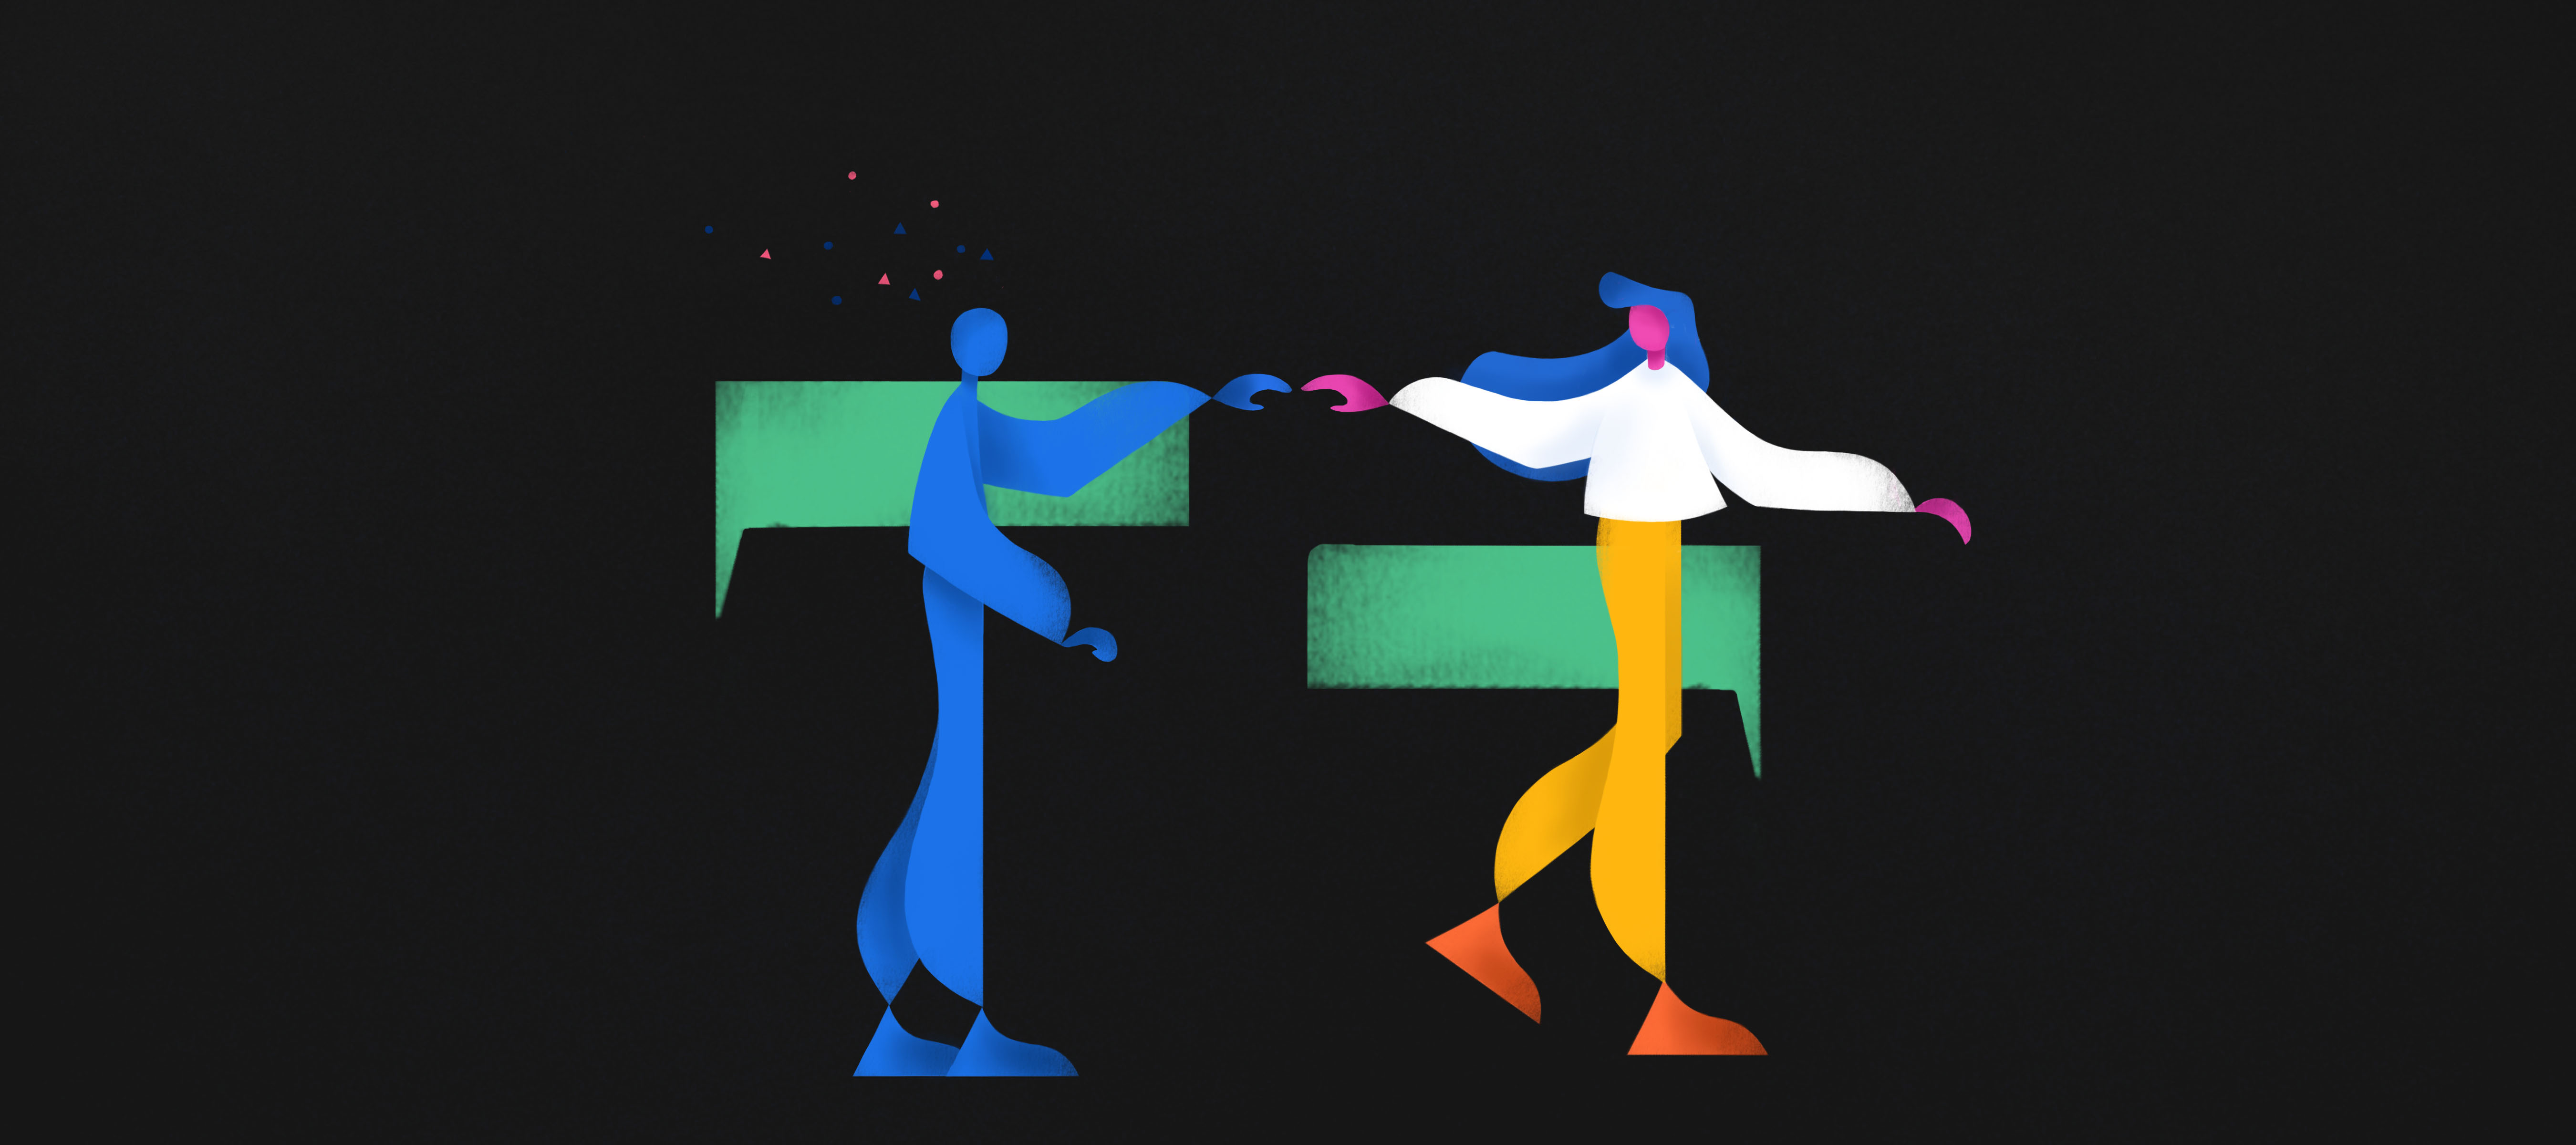 illustrazione raffigurante un'utente mentre dialoga con il chatbot a cui è stato dato un aspetto umanoide